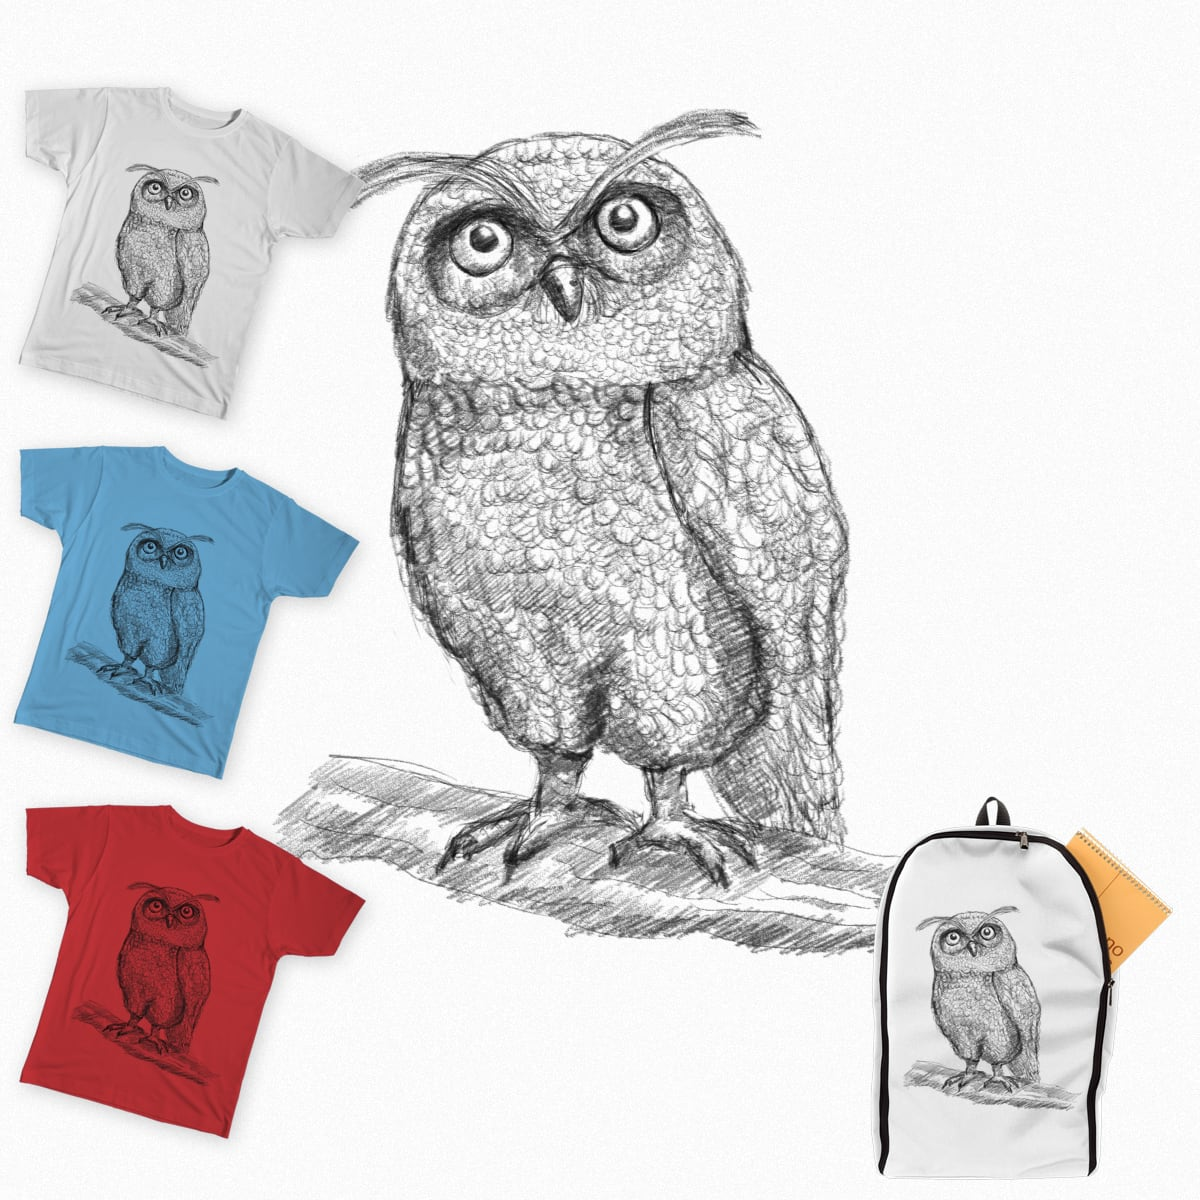 The Owl by hotamr on Threadless